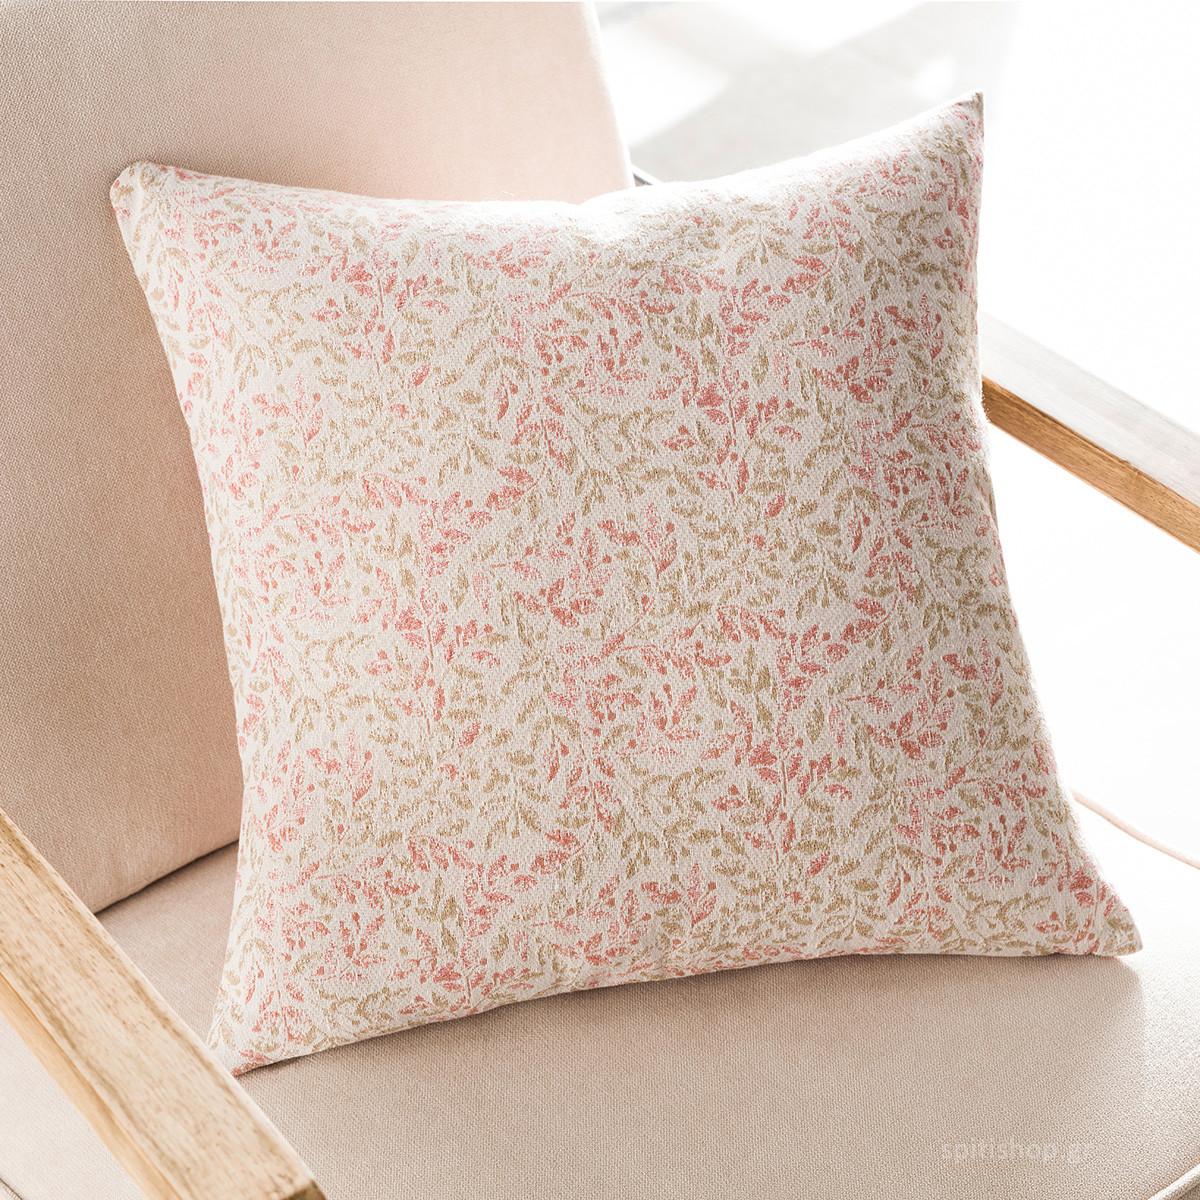 Διακοσμητική Μαξιλαροθήκη (50×50) Gofis Home Delicate Coord Pink 904B/03